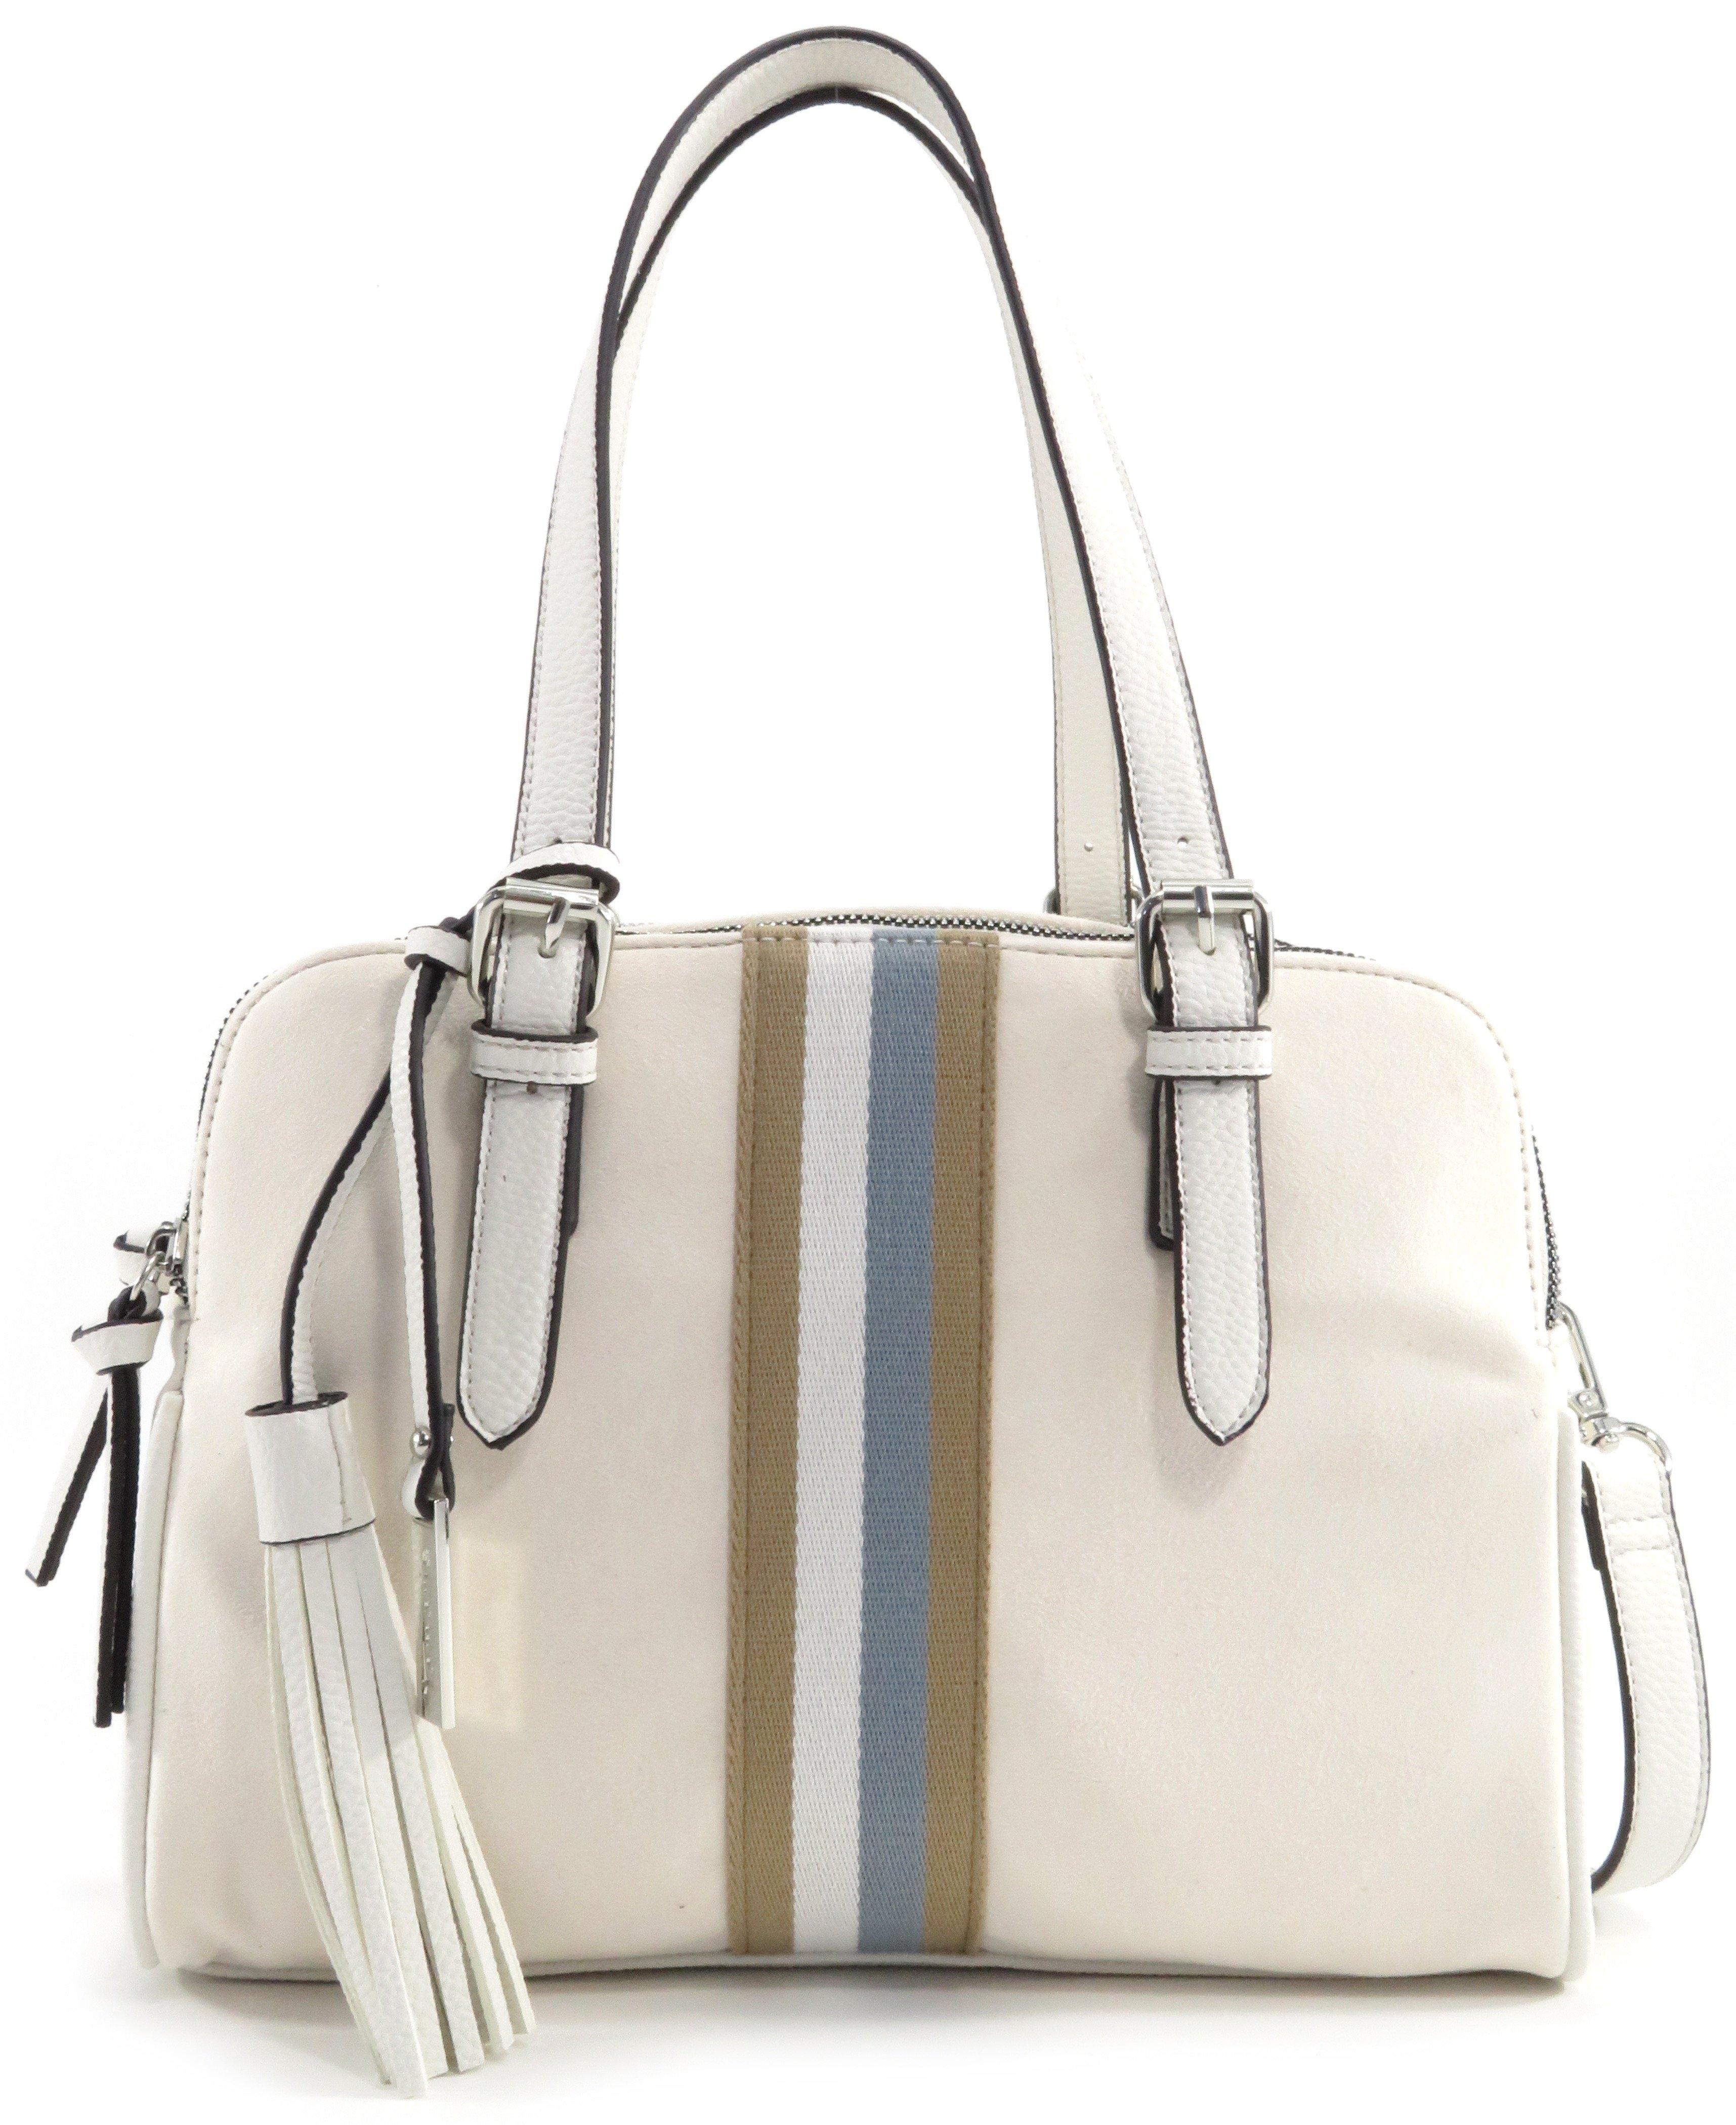 Tamaris tas Cora met gestreepte details voordelig en veilig online kopen